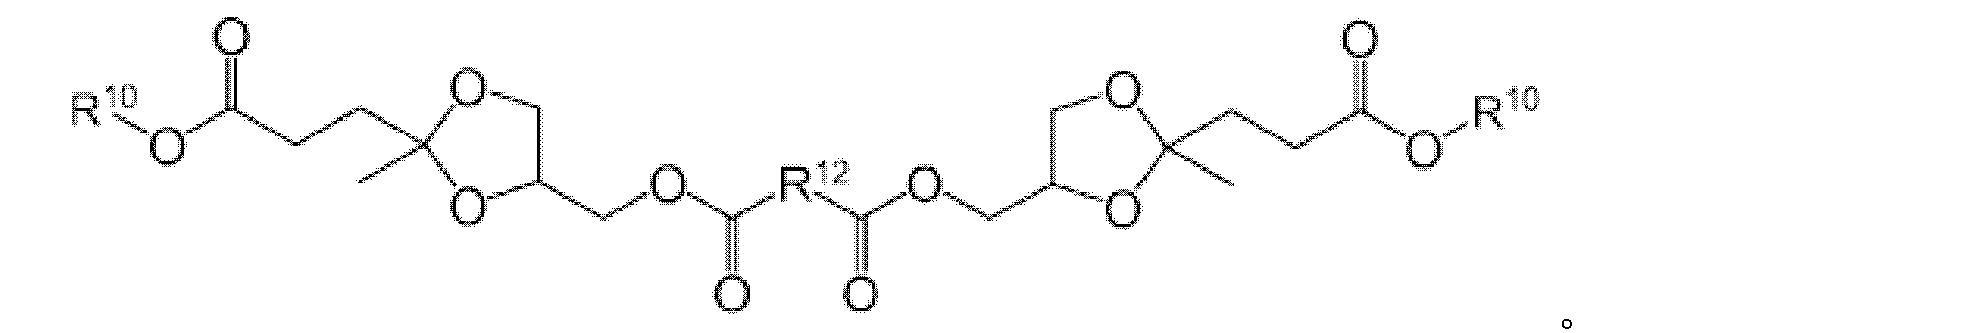 Figure CN102459219AC00052